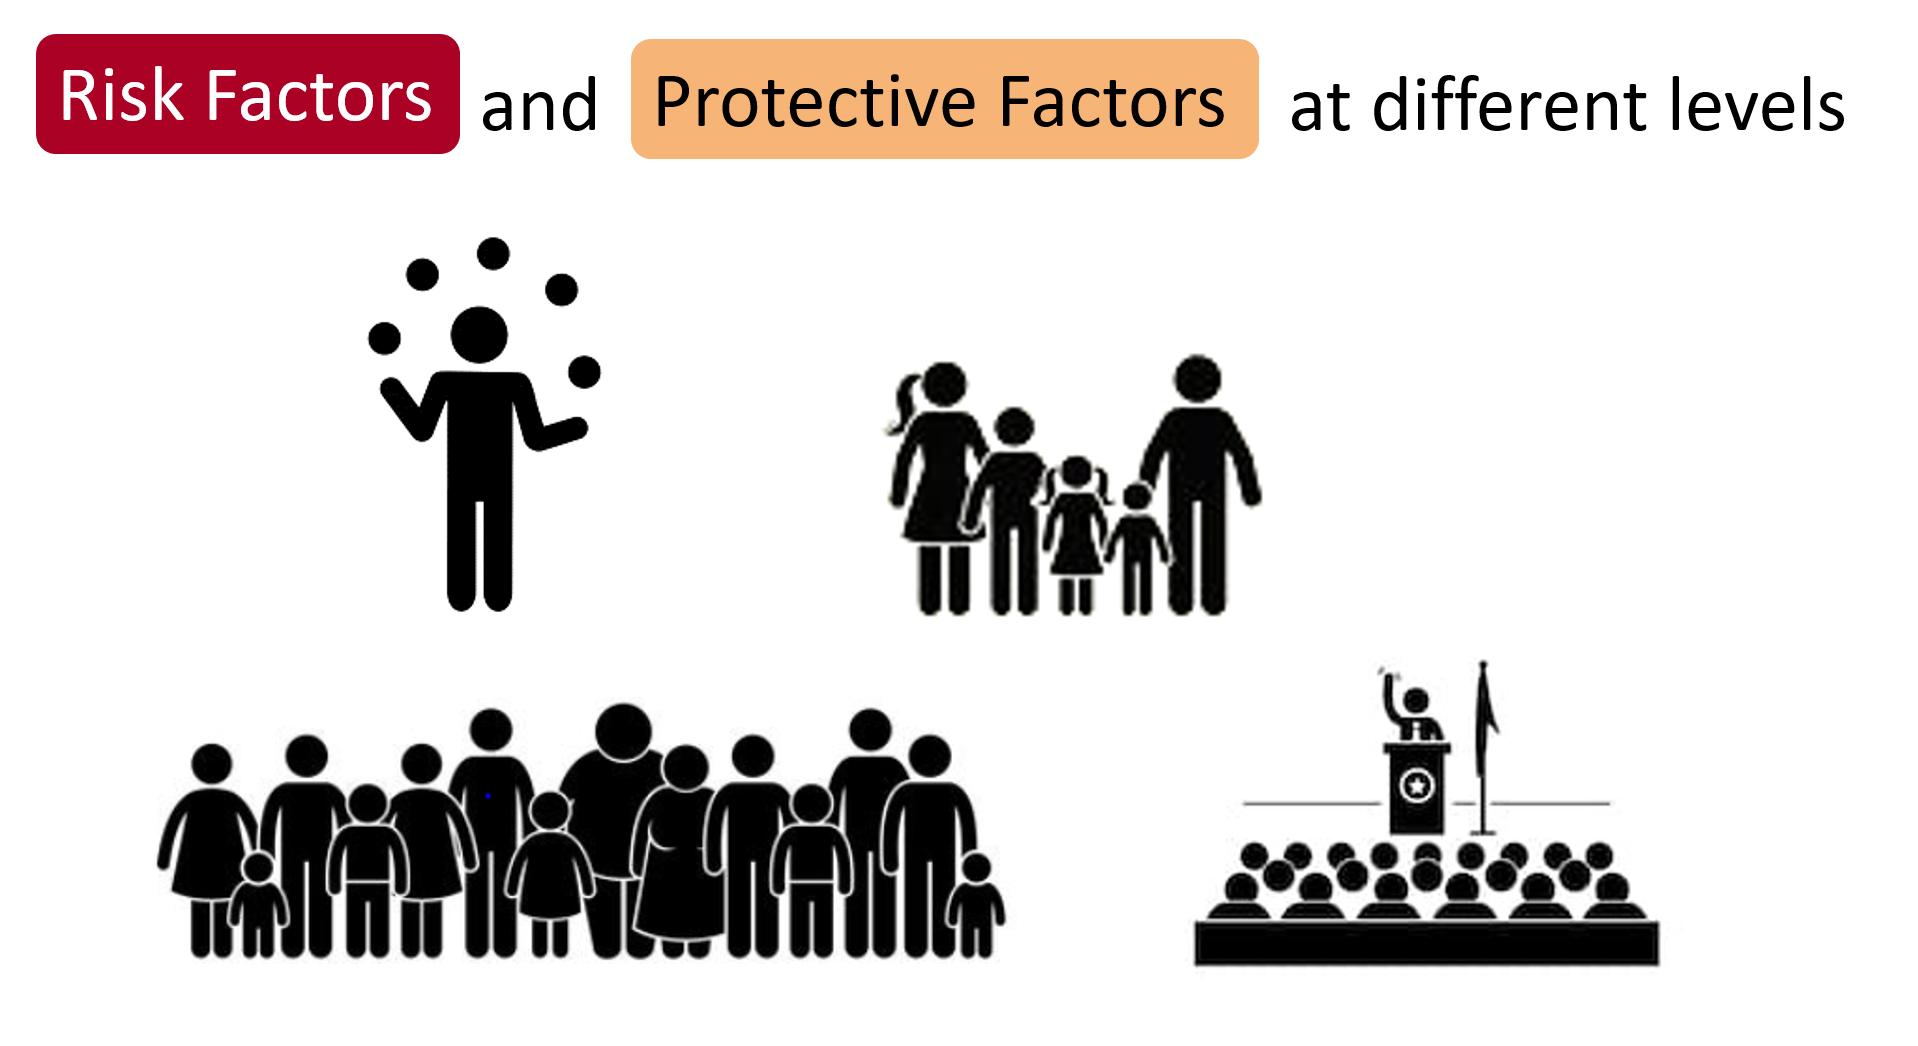 levels of factors